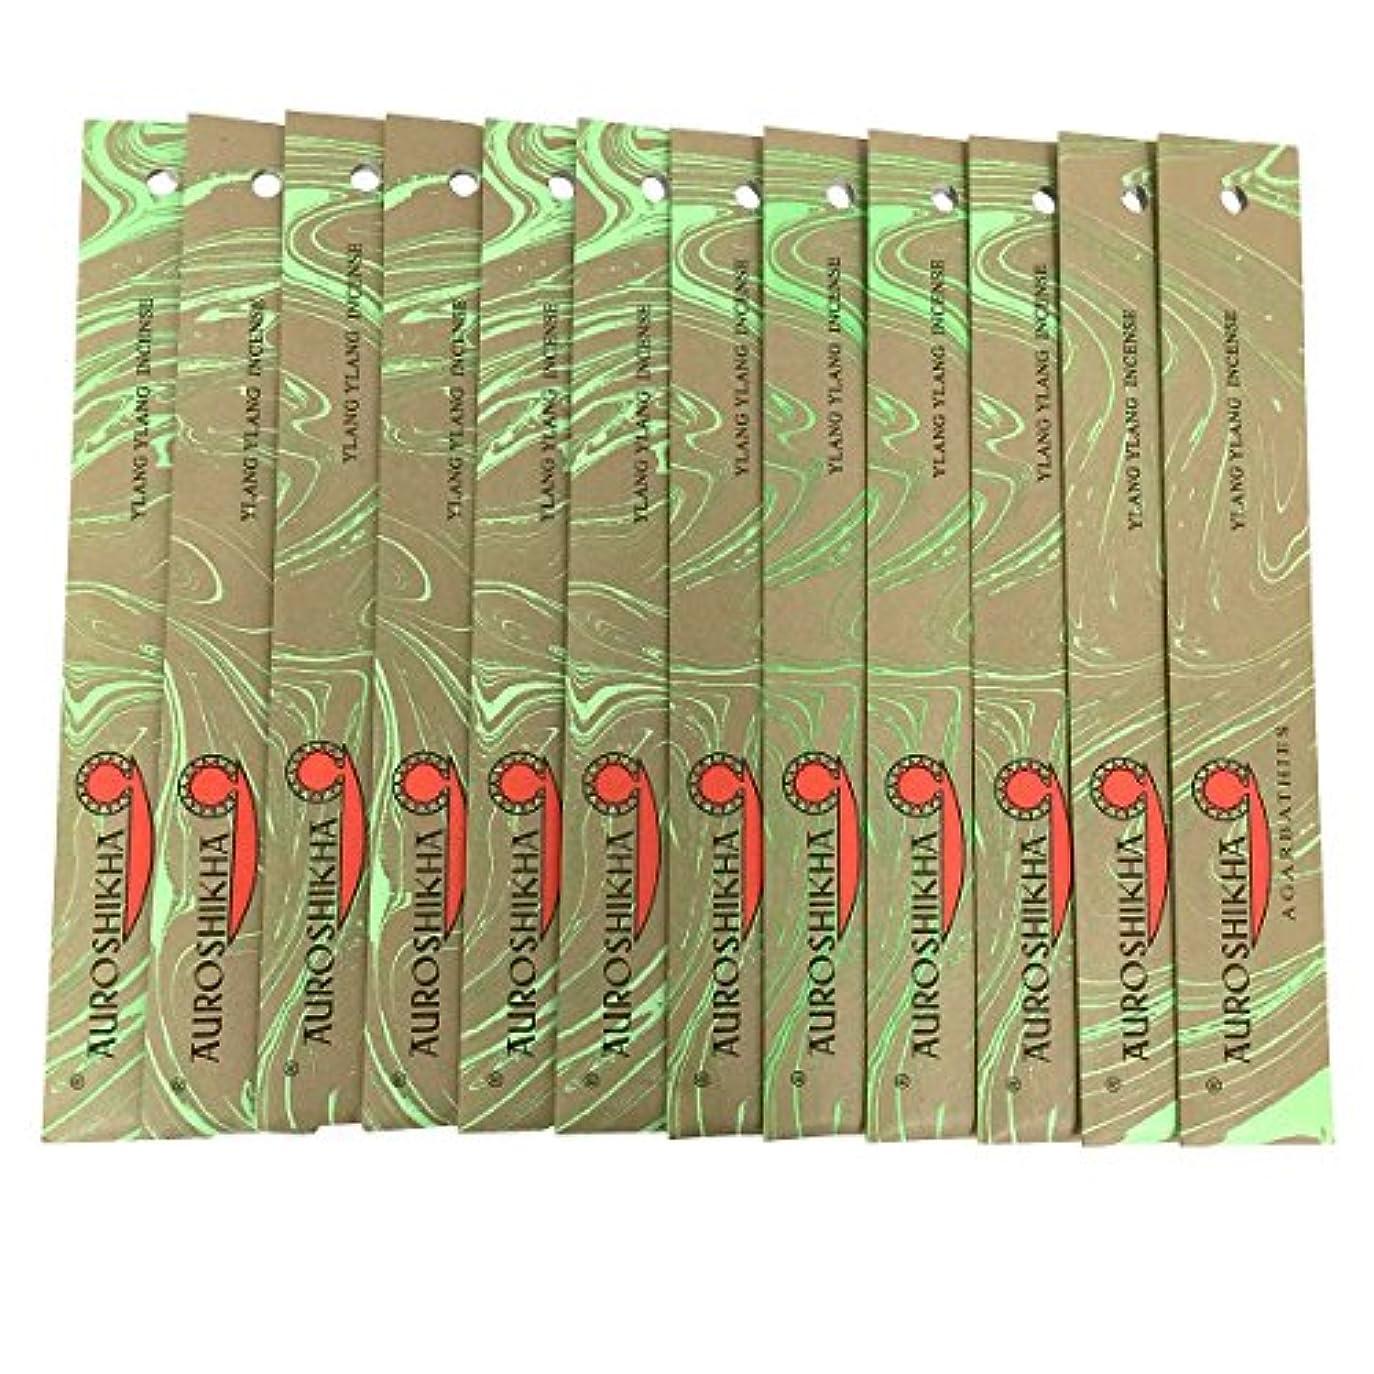 雇用者付録登録するAUROSHIKHA オウロシカ(YLANG YLANGイランイラン12個セット) マーブルパッケージスティック 送料無料